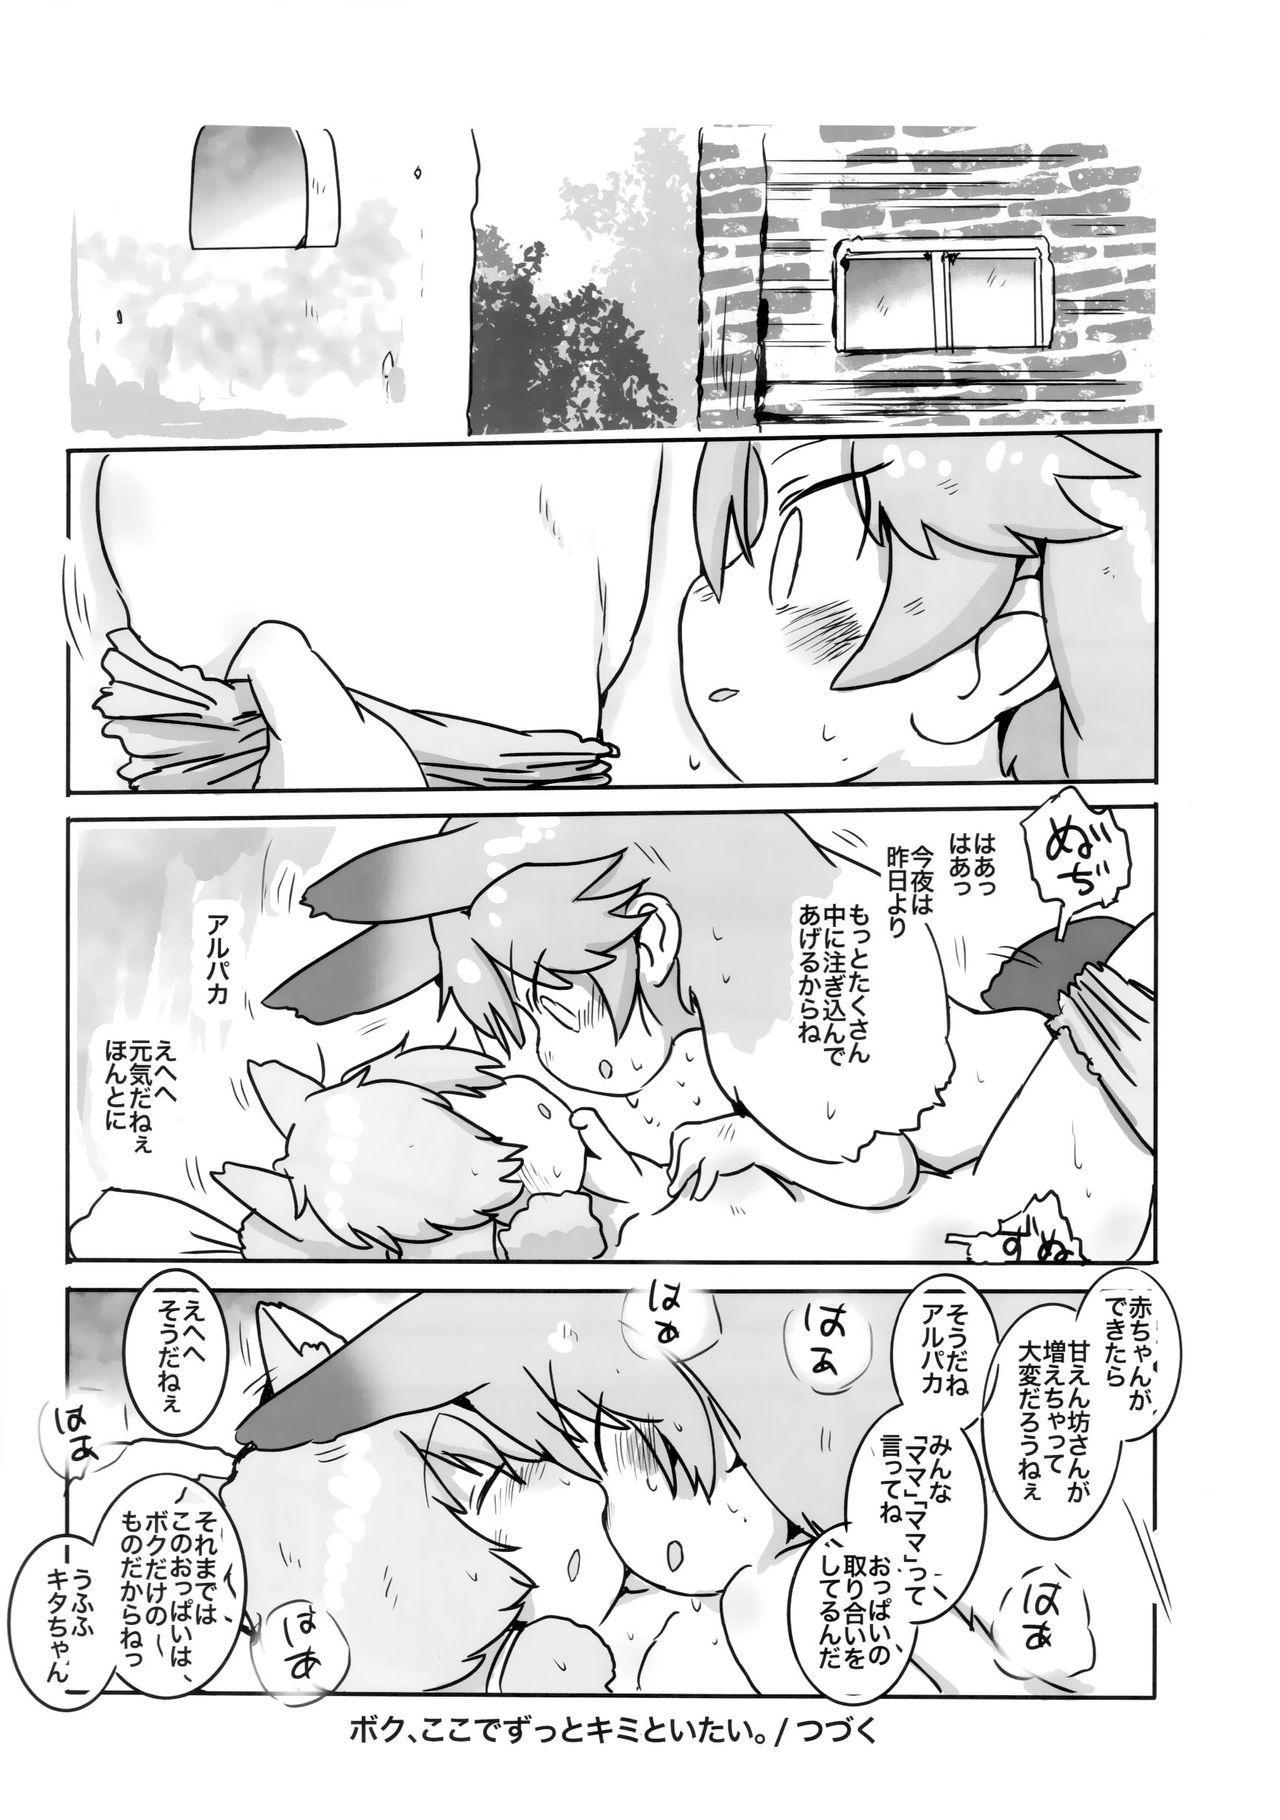 Boku, Koko de Zutto Kimi to Itai. 28